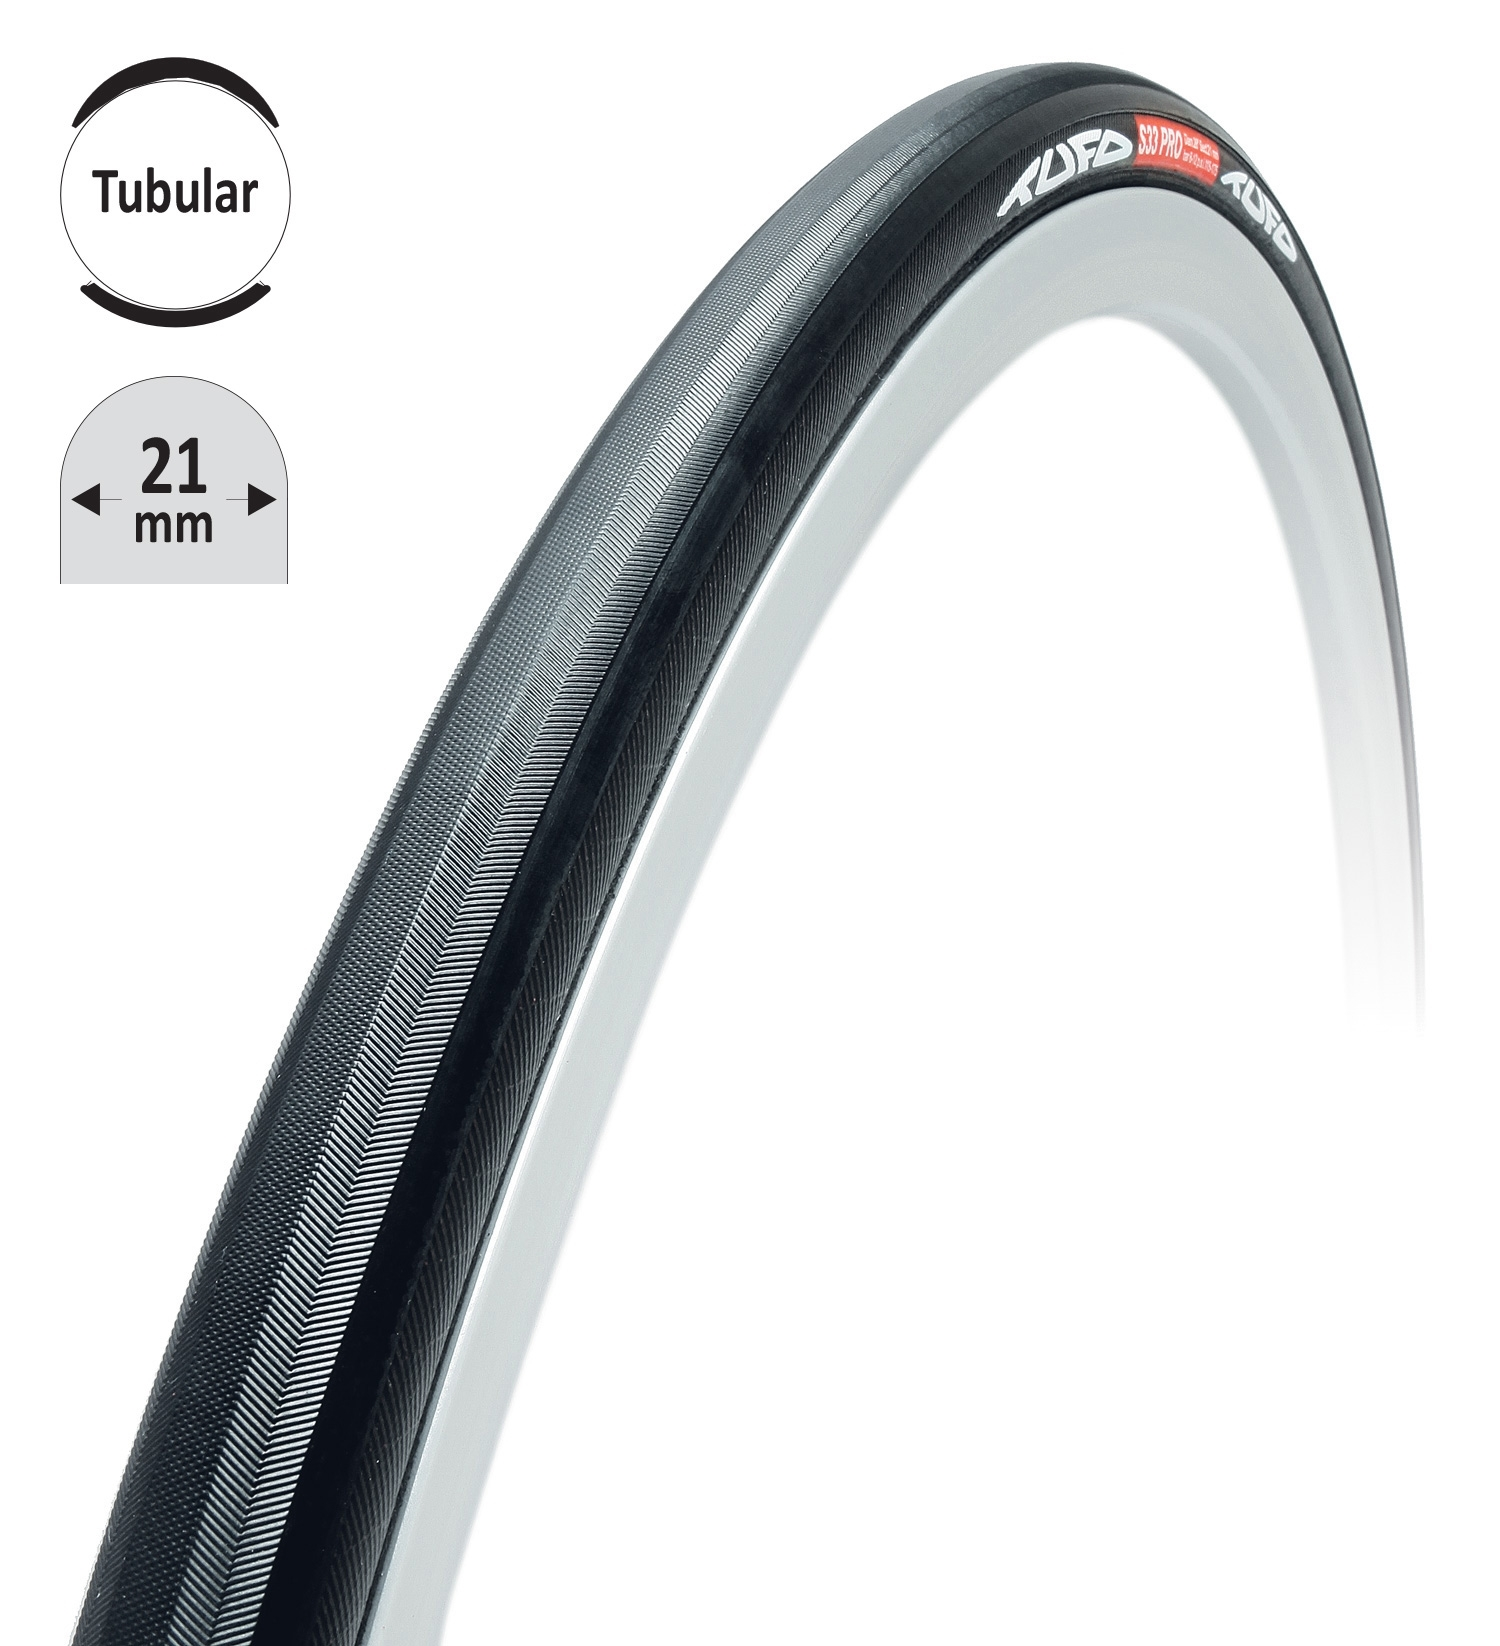 """galuska TUFO S33 PRO černo-černá 28""""/21mm"""